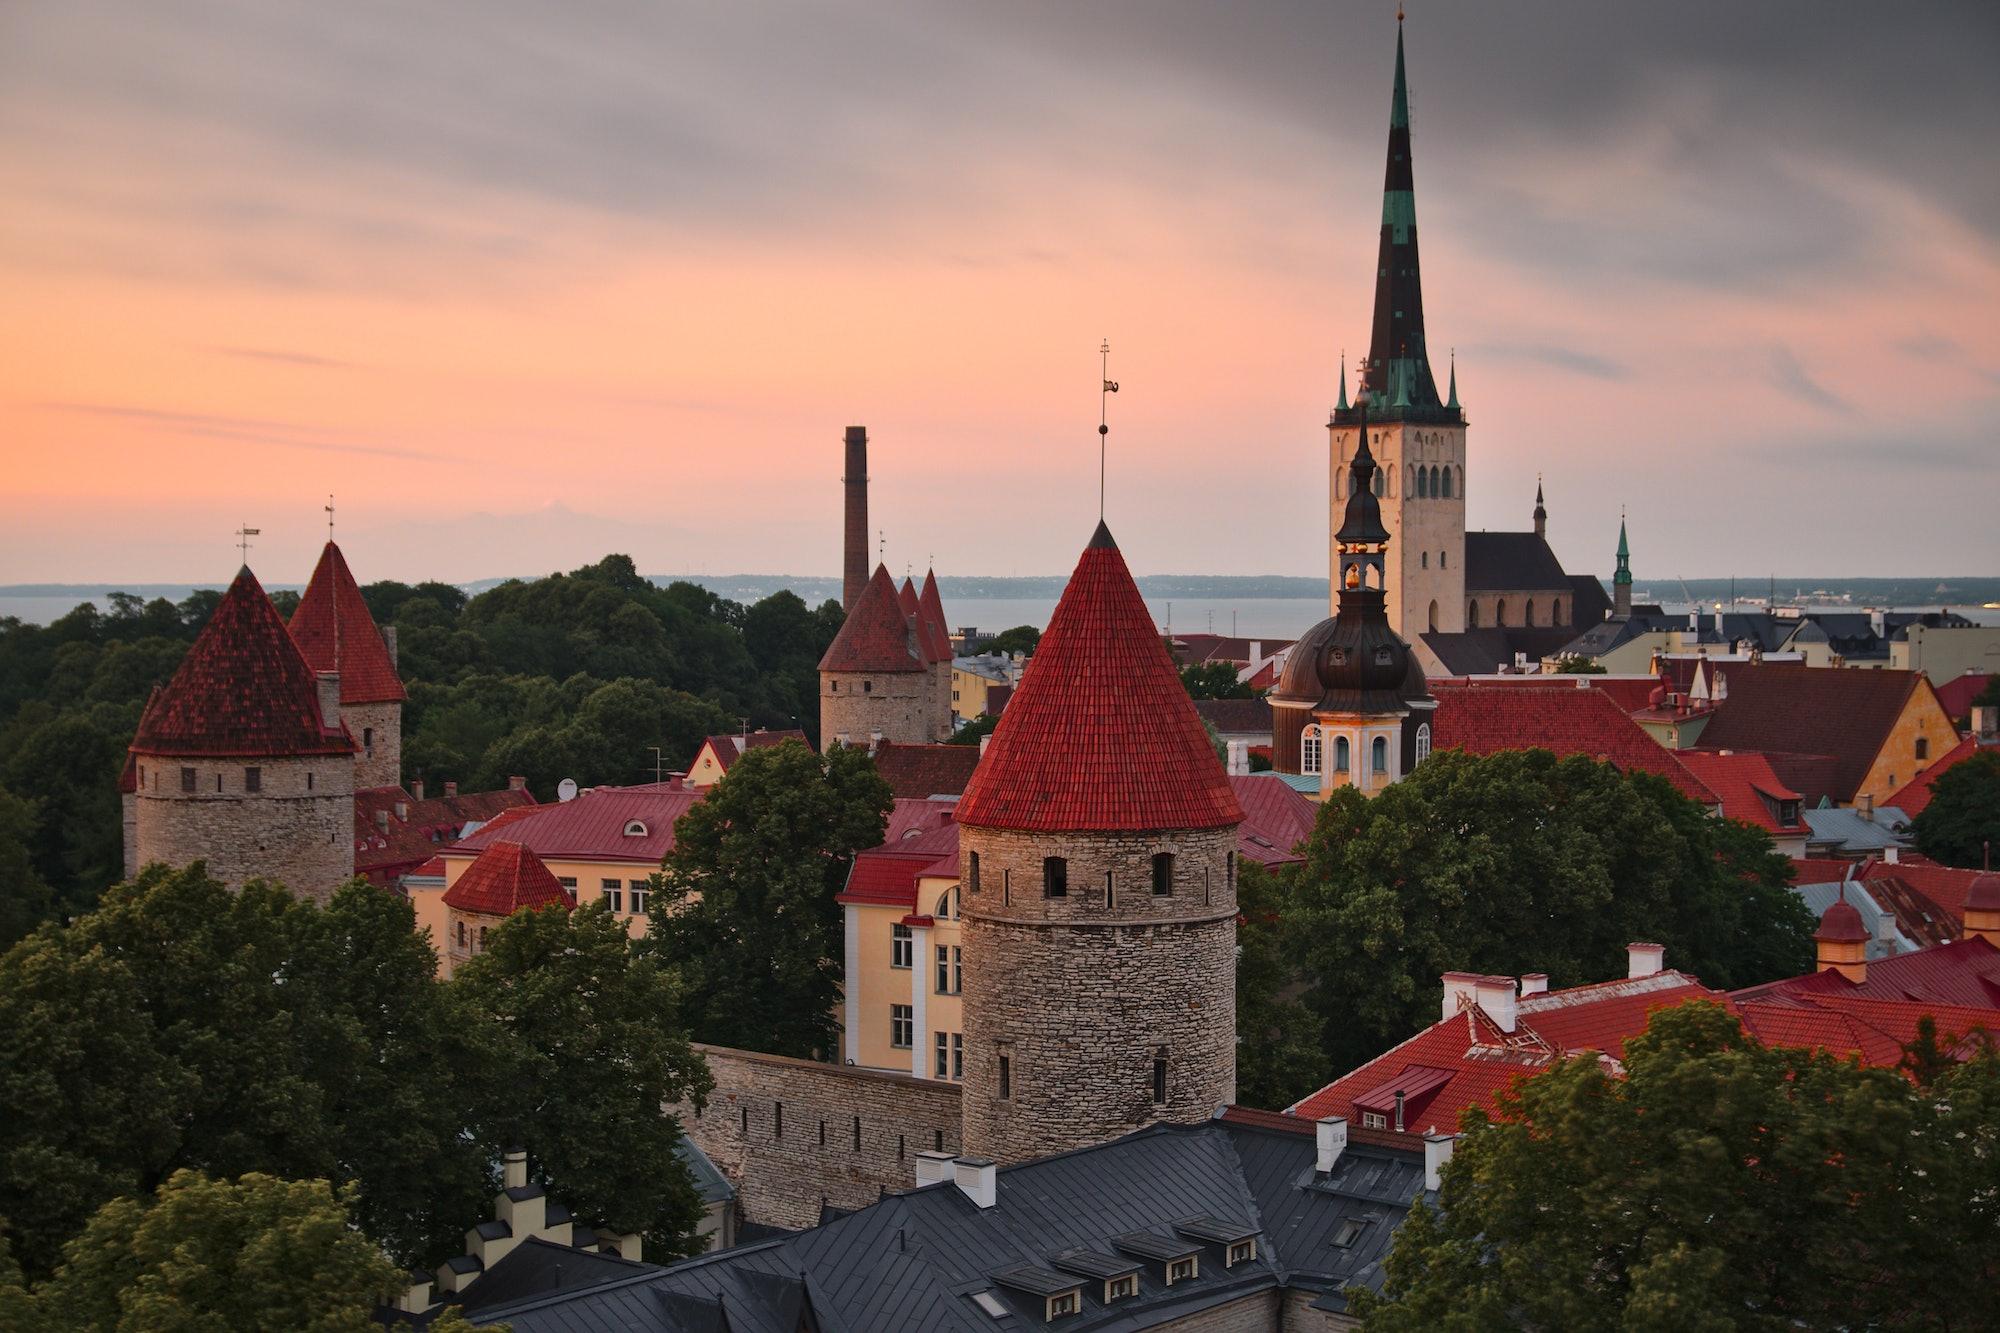 A view of Tallinn.